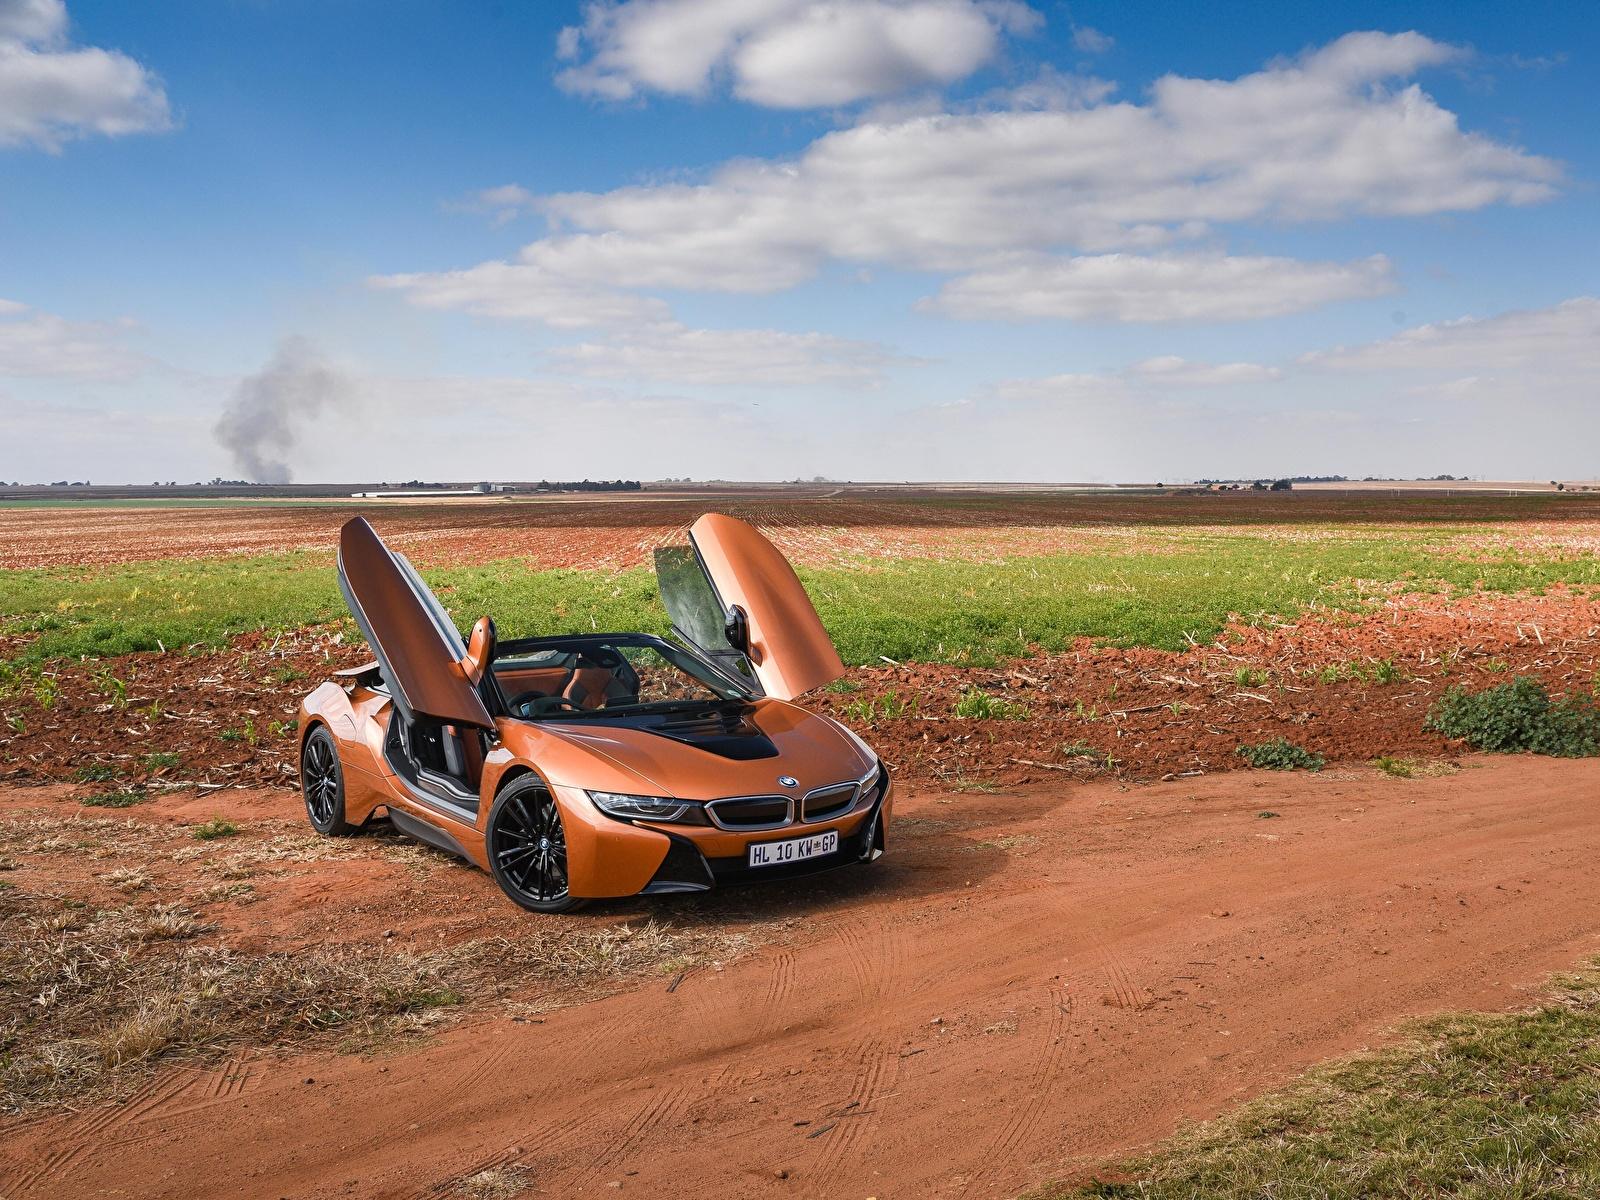 Картинки БМВ 2018 i8 Родстер Кабриолет Оранжевый автомобиль 1600x1200 BMW кабриолета оранжевых оранжевые оранжевая авто машина машины Автомобили